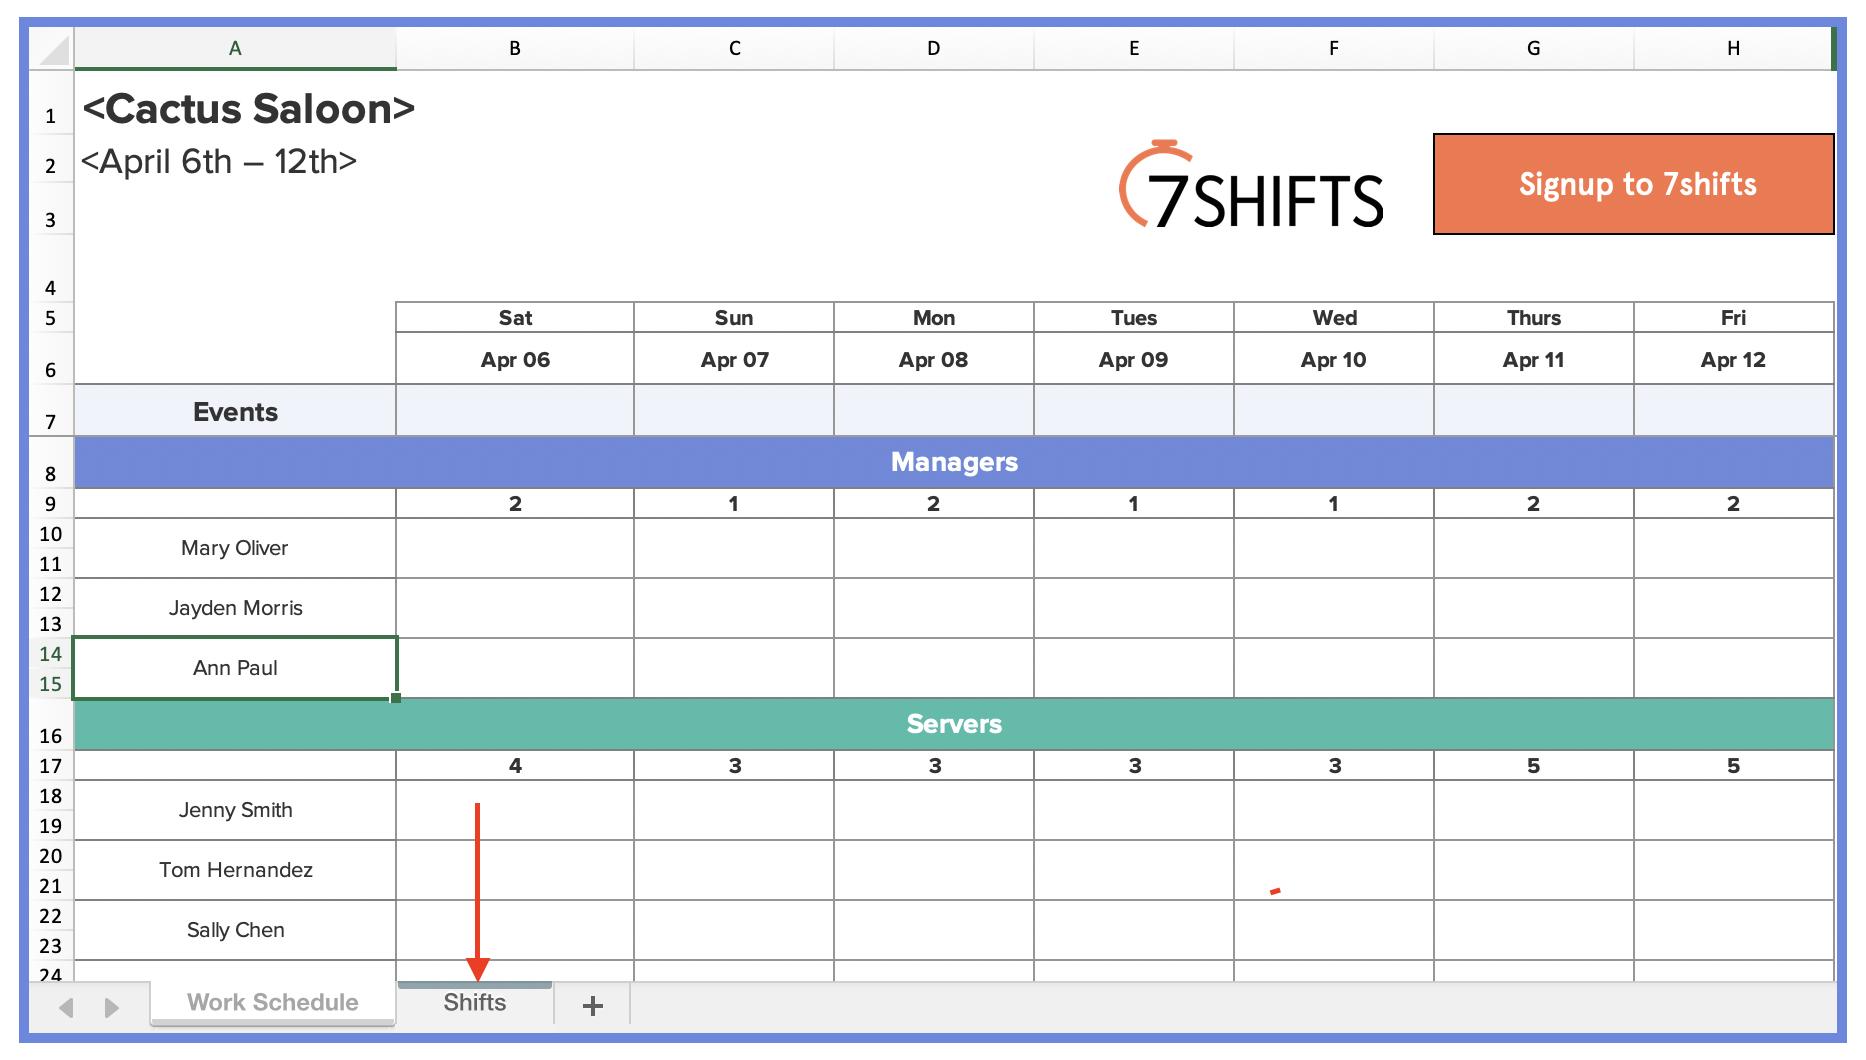 Restaurant Employee Schedule Template